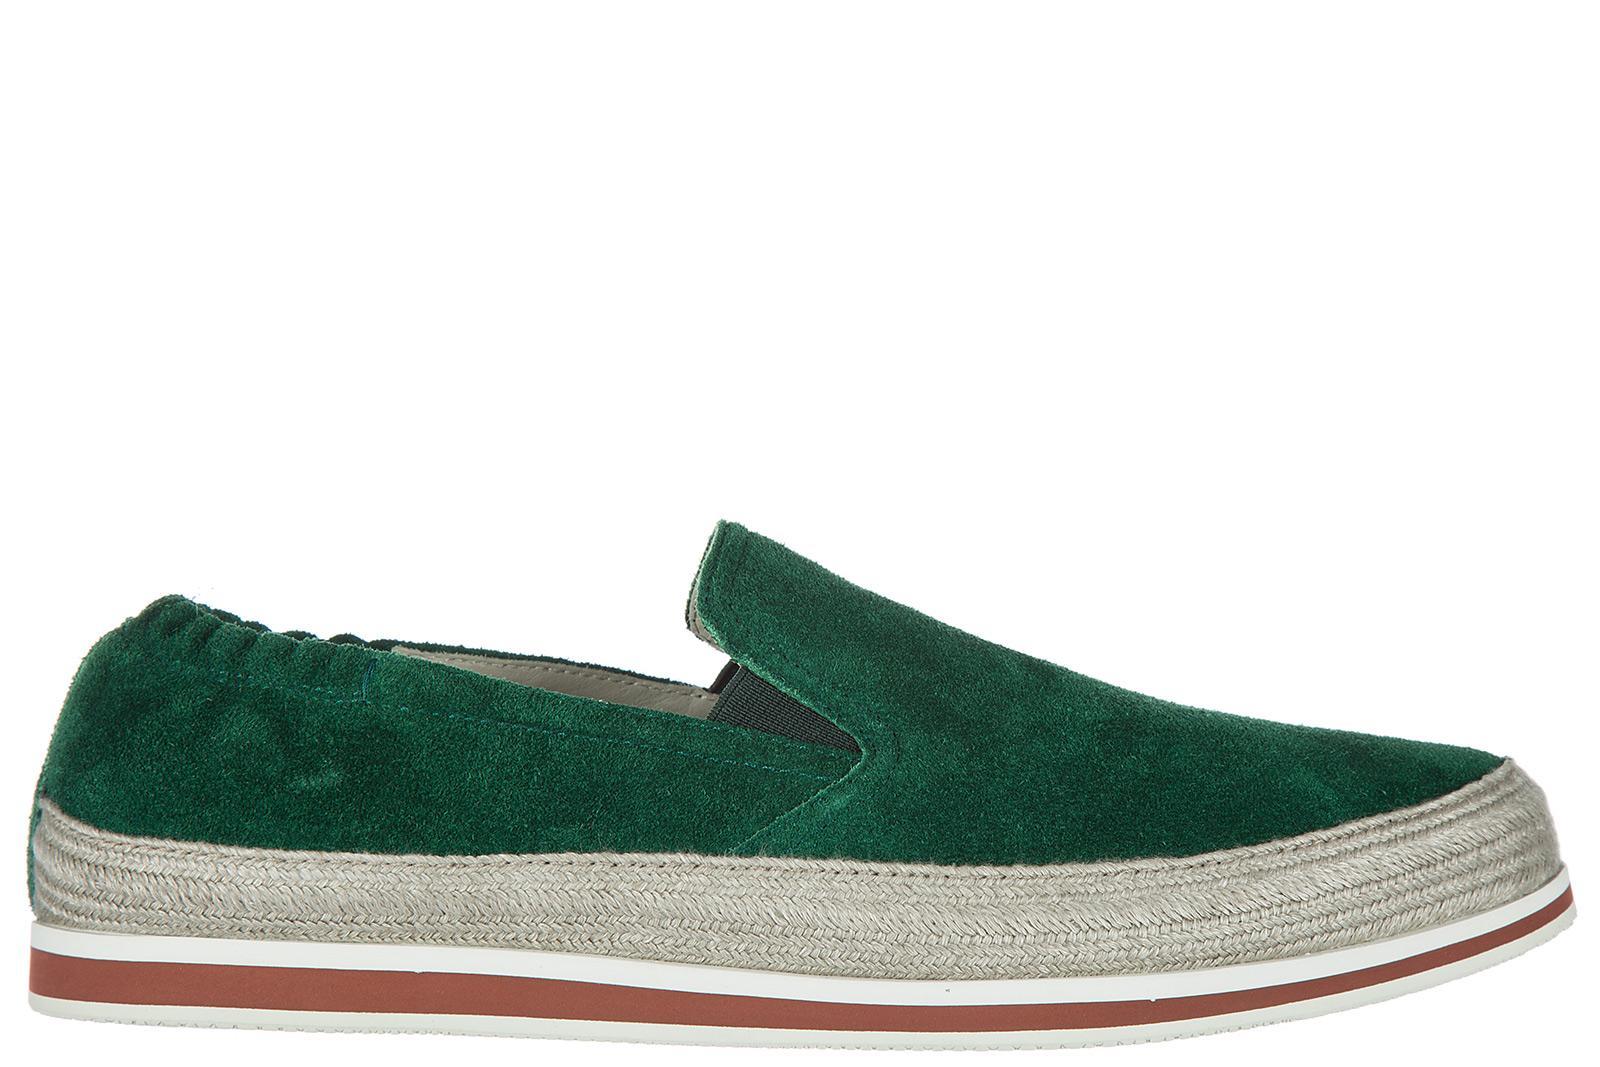 b6af30383311 Prada Men s Suede Slip On Sneakers In Green